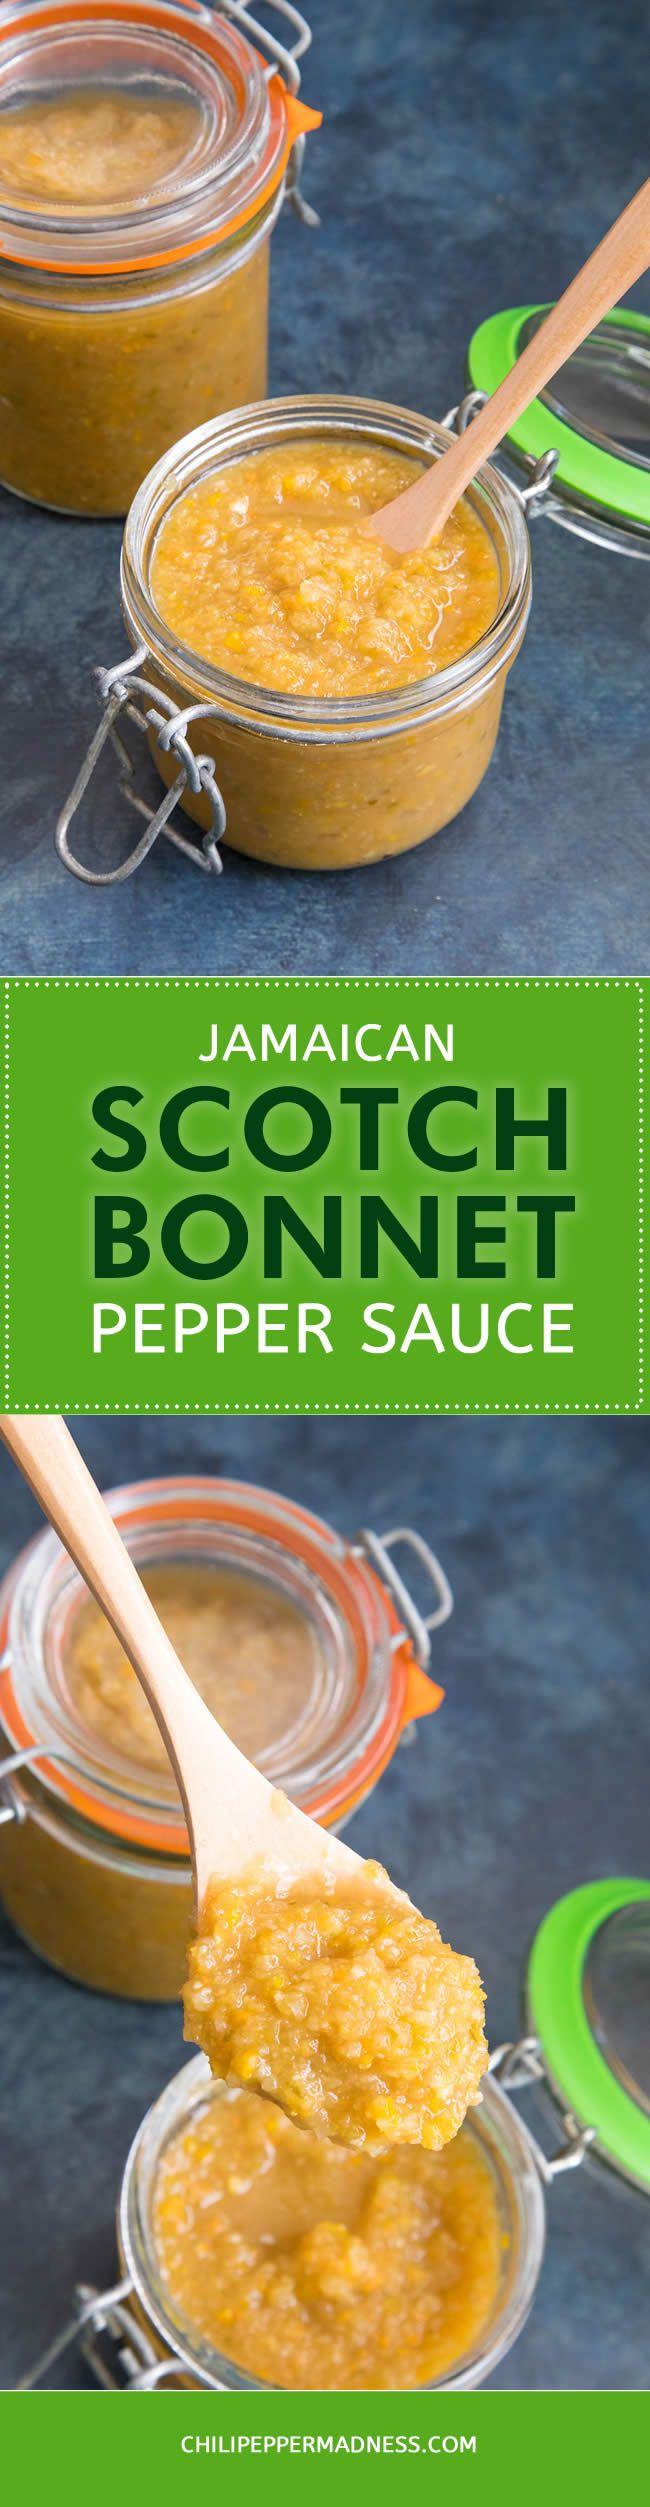 Jamaican Scotch Bonnet Pepper Sauce - Recipe